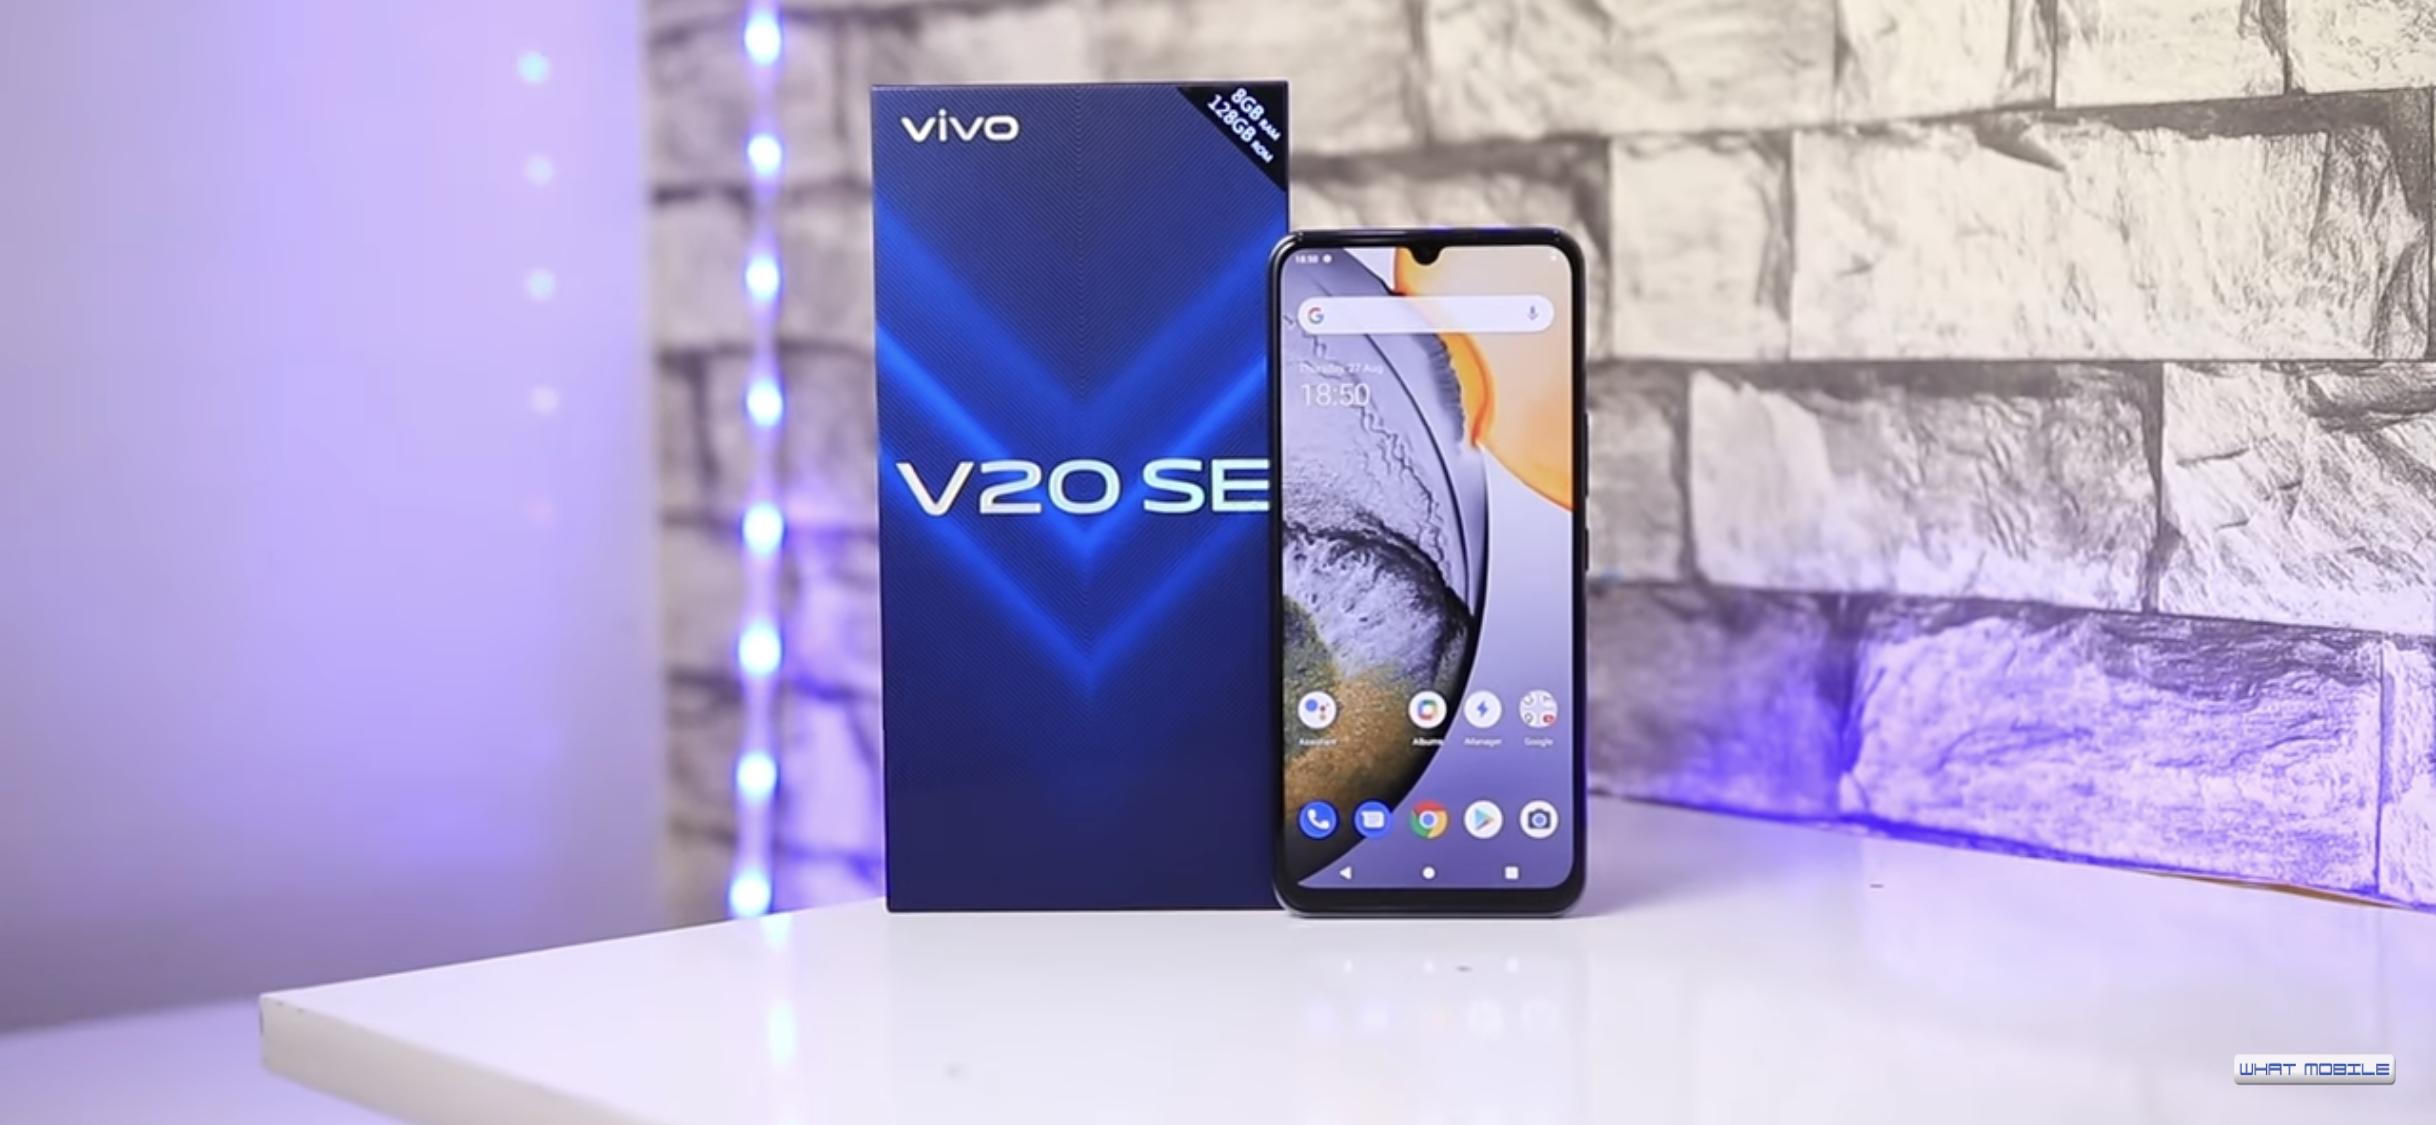 Vivo V20 SE کی قیمت پاکستان میں اور نردجیکرن